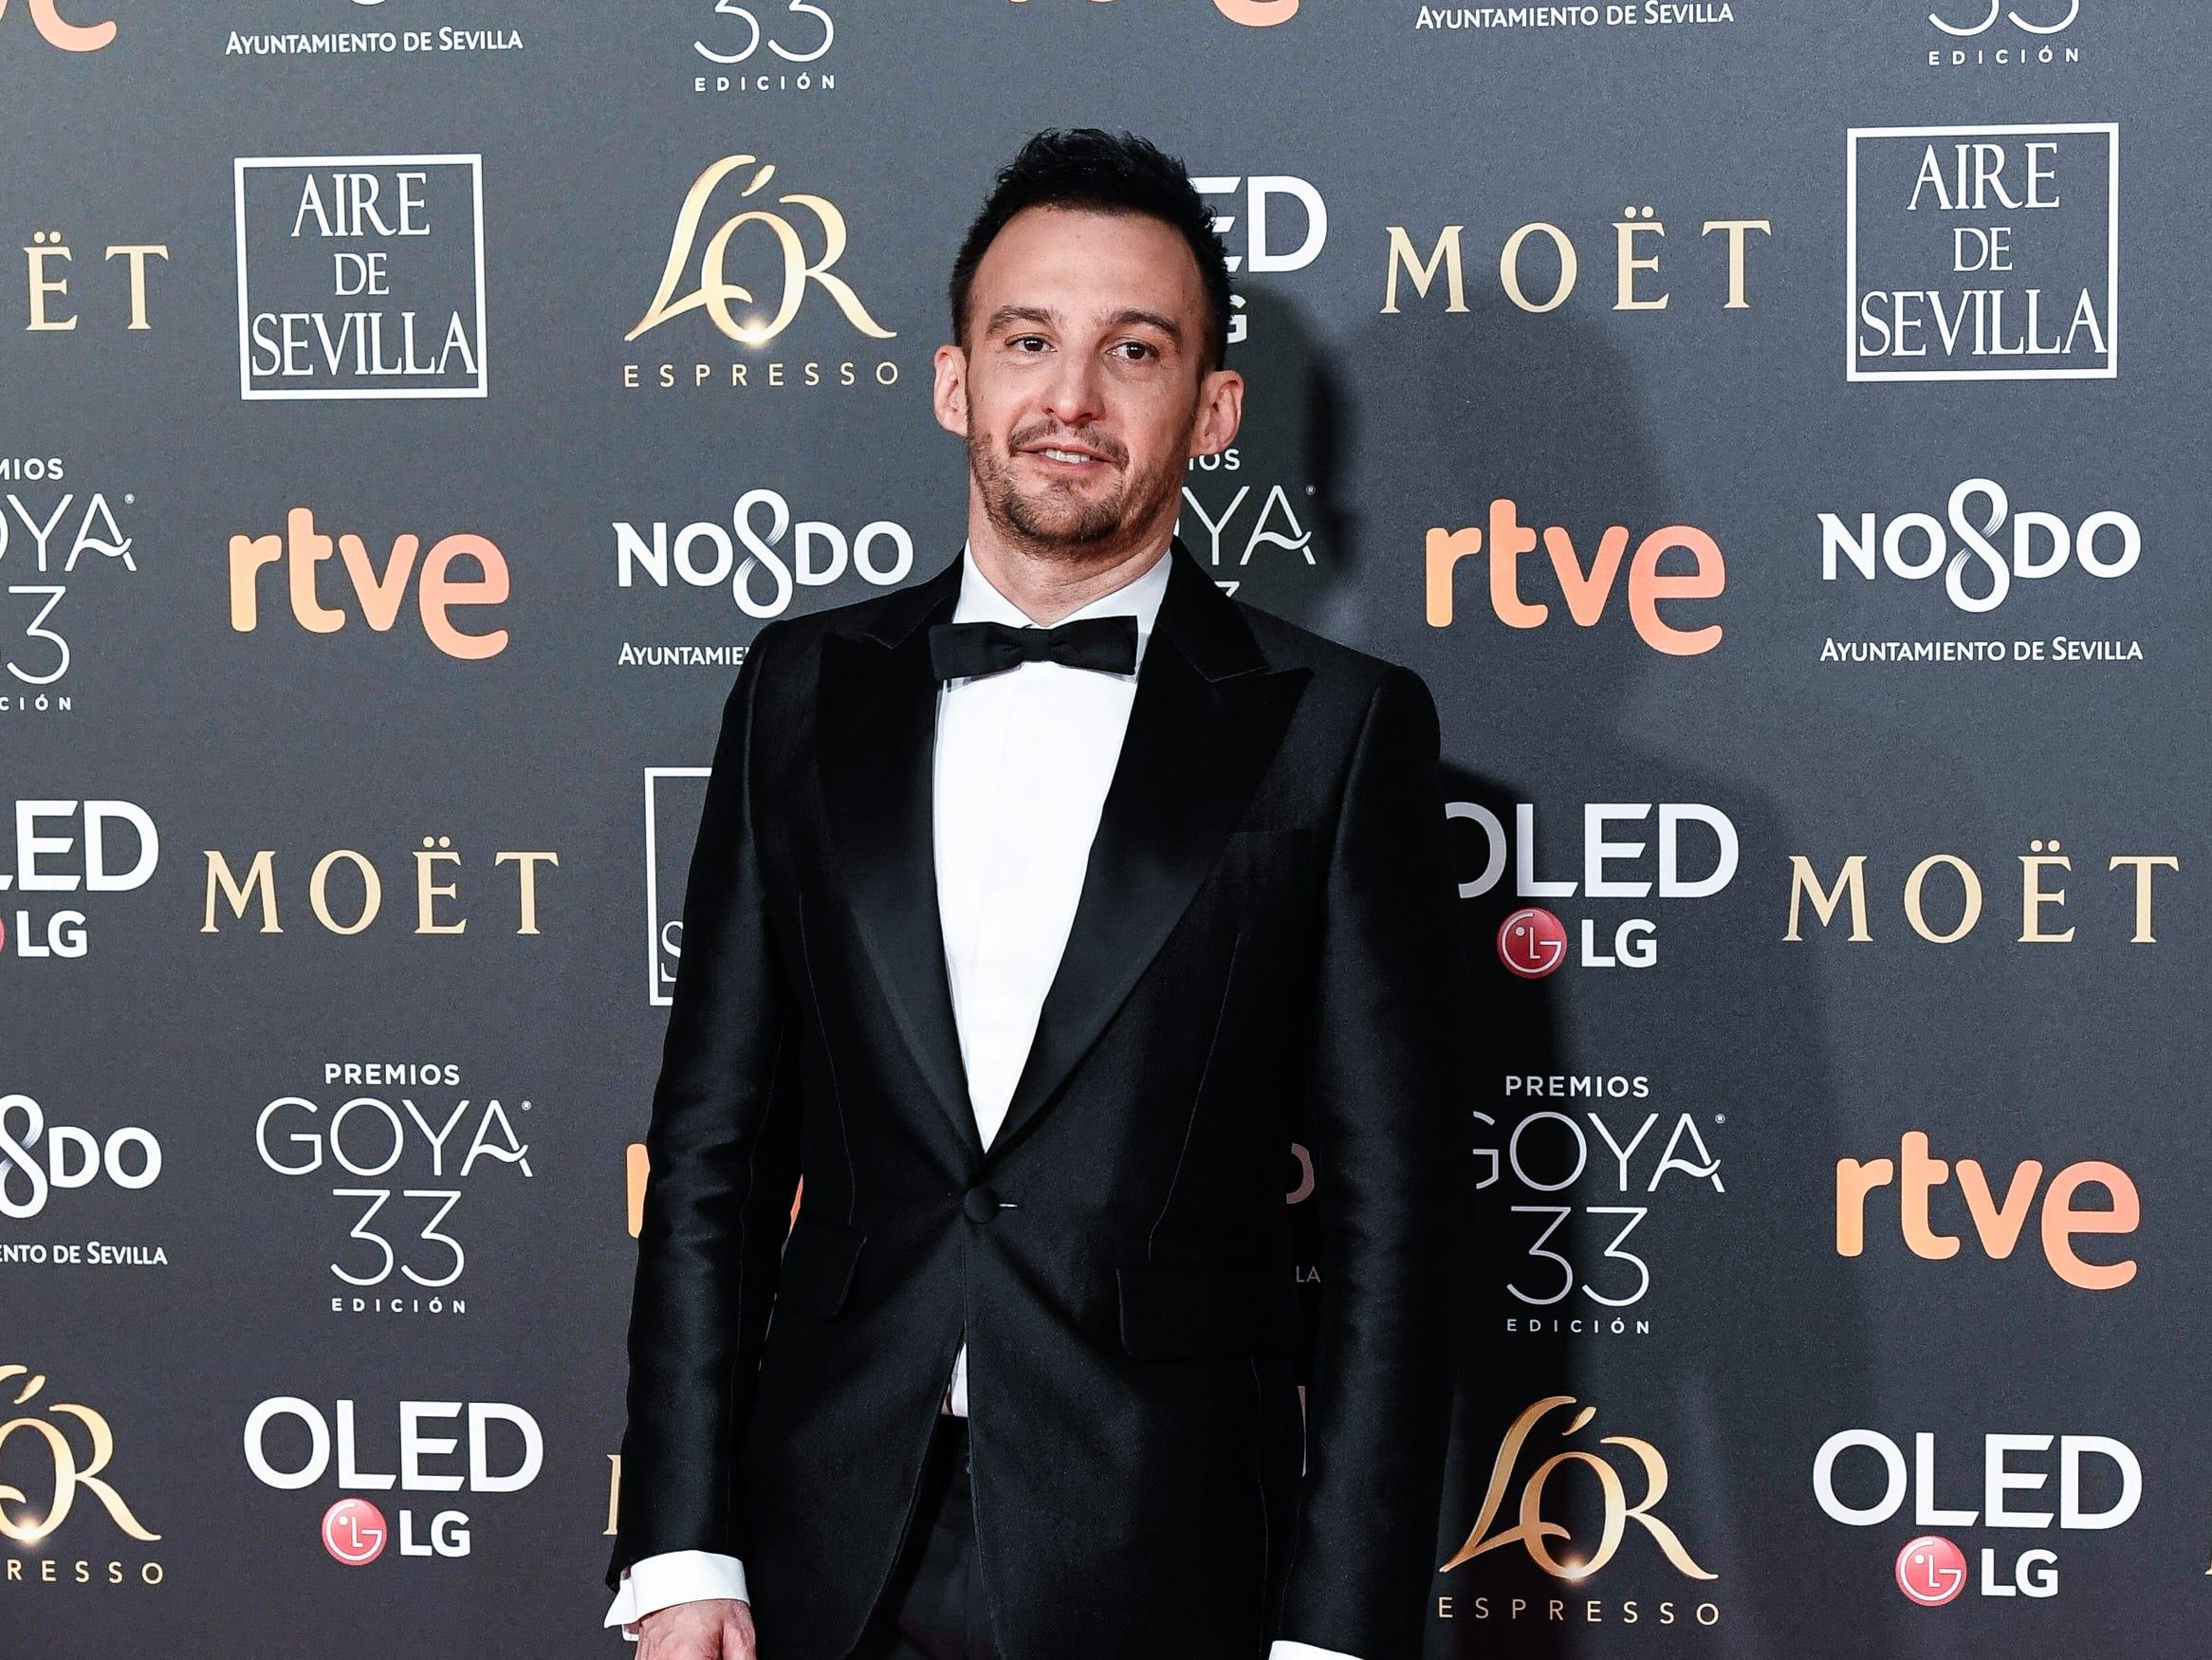 Alejandro Amenabar asiste a la 33ª edición de los Premios de Cine Goya en el Palacio de Congresos y Exposiciones FIBES el 2 de febrero de 2019 en Sevilla, España.